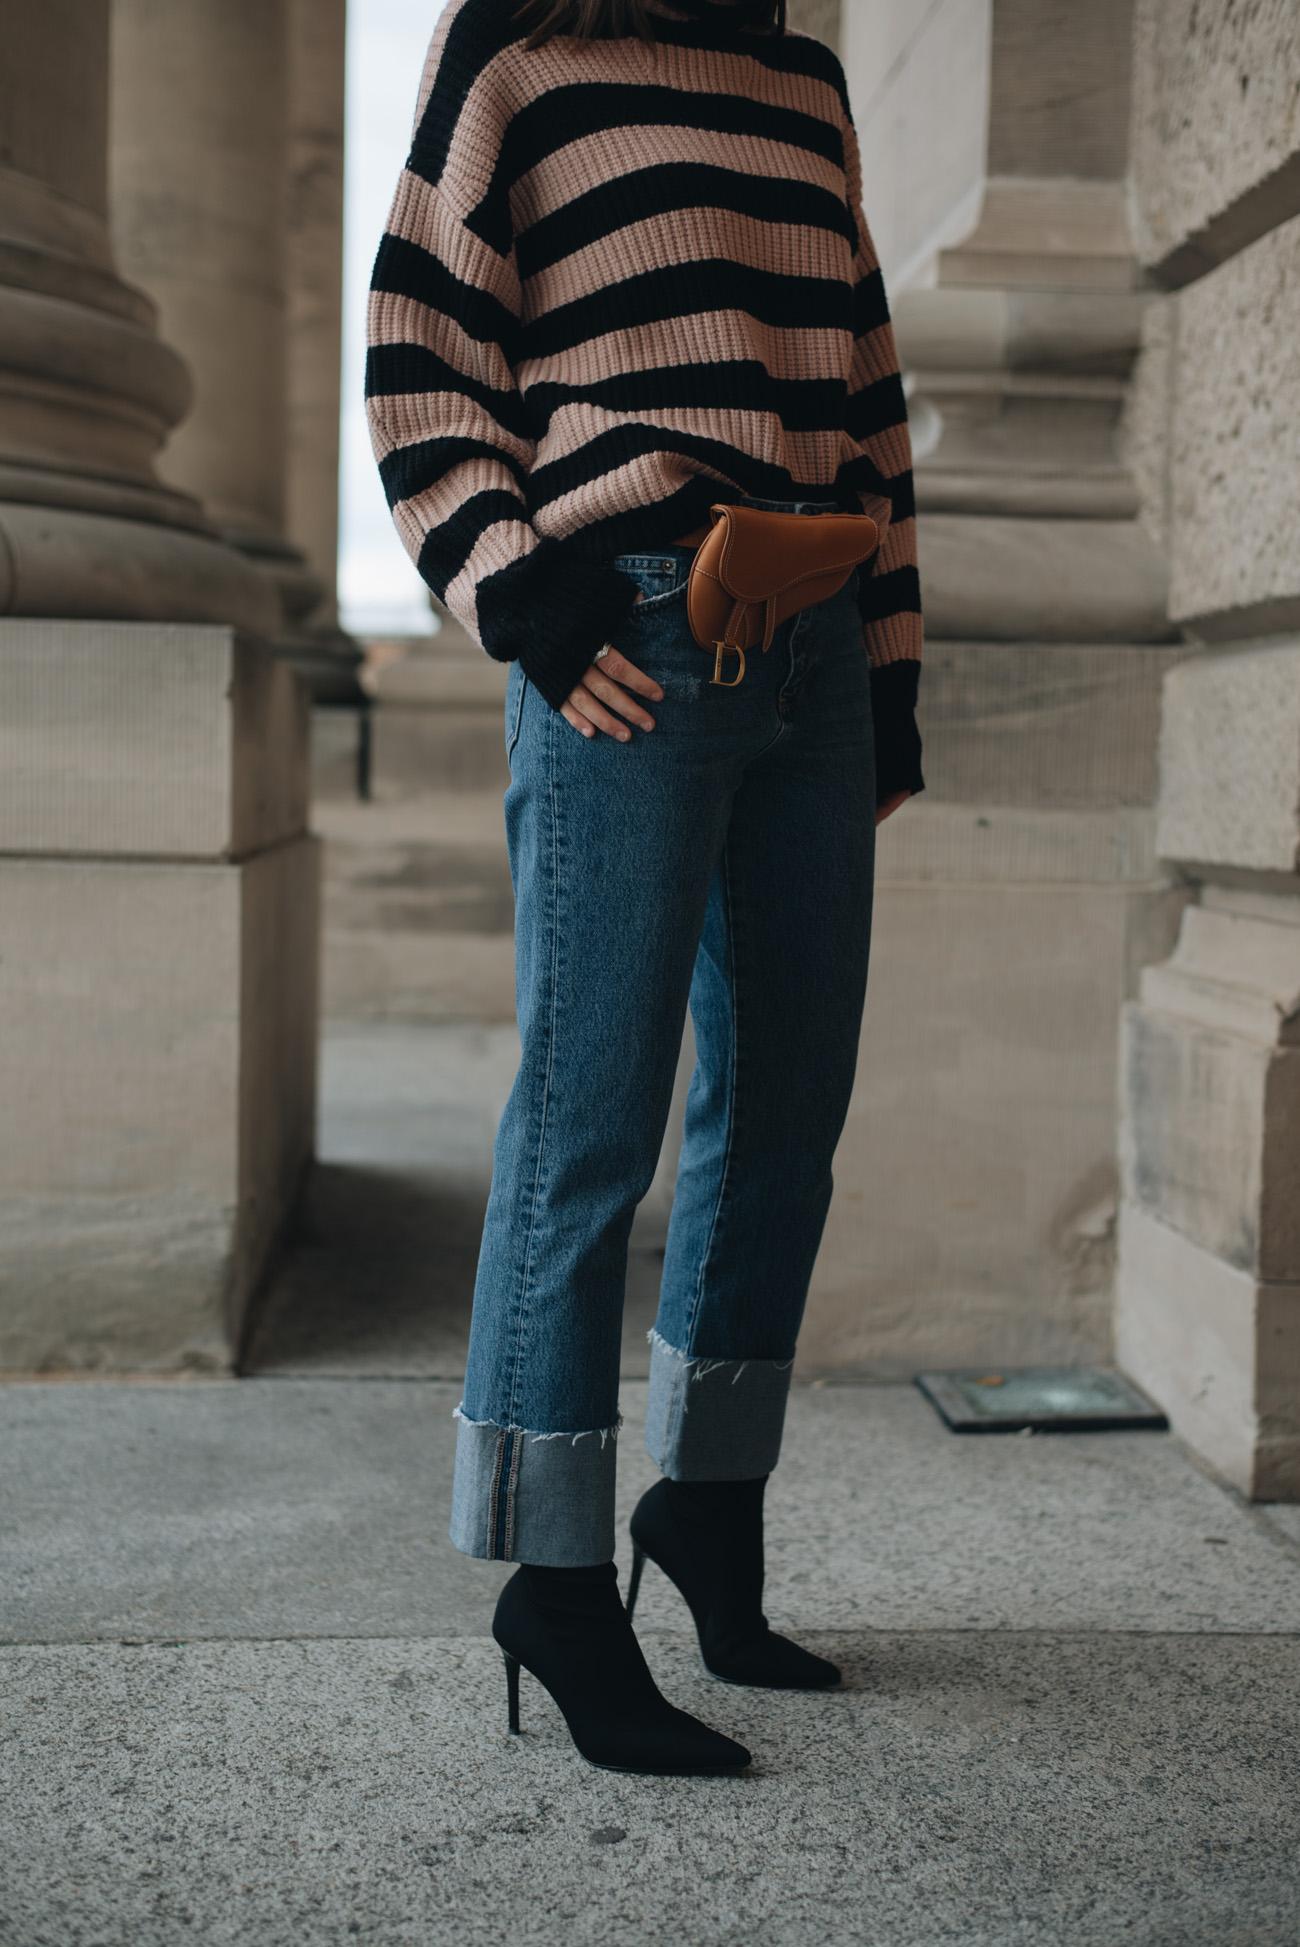 dior-saddle-bauchtasche-gürtel-tasche-vintage-nina-schwichtenberg-mode-bloggerin-fashionblog-fashiioncarpet-deutschland-münchen